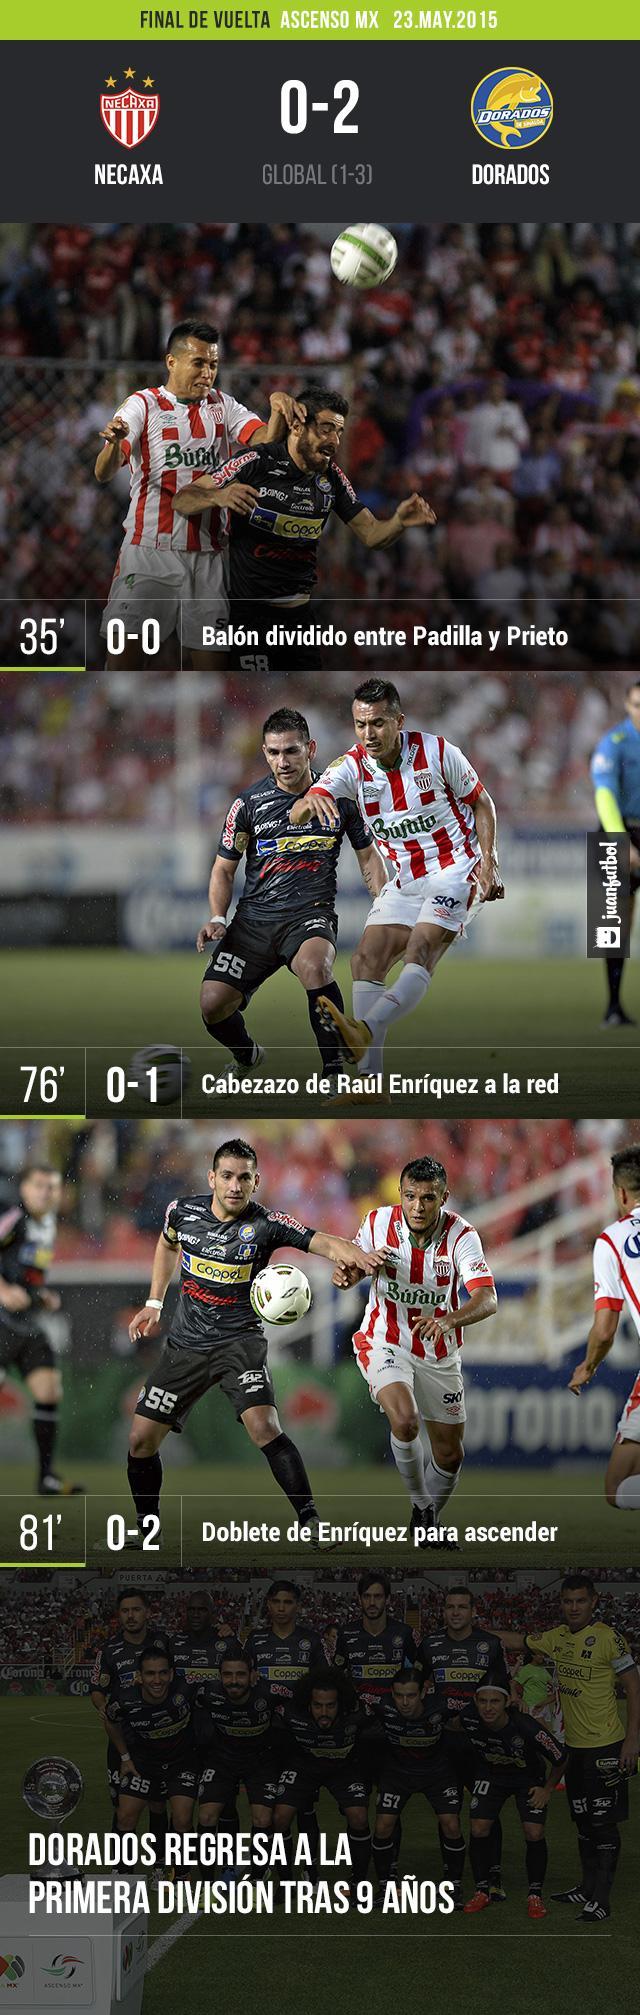 Necaxa 0-2 Dorados